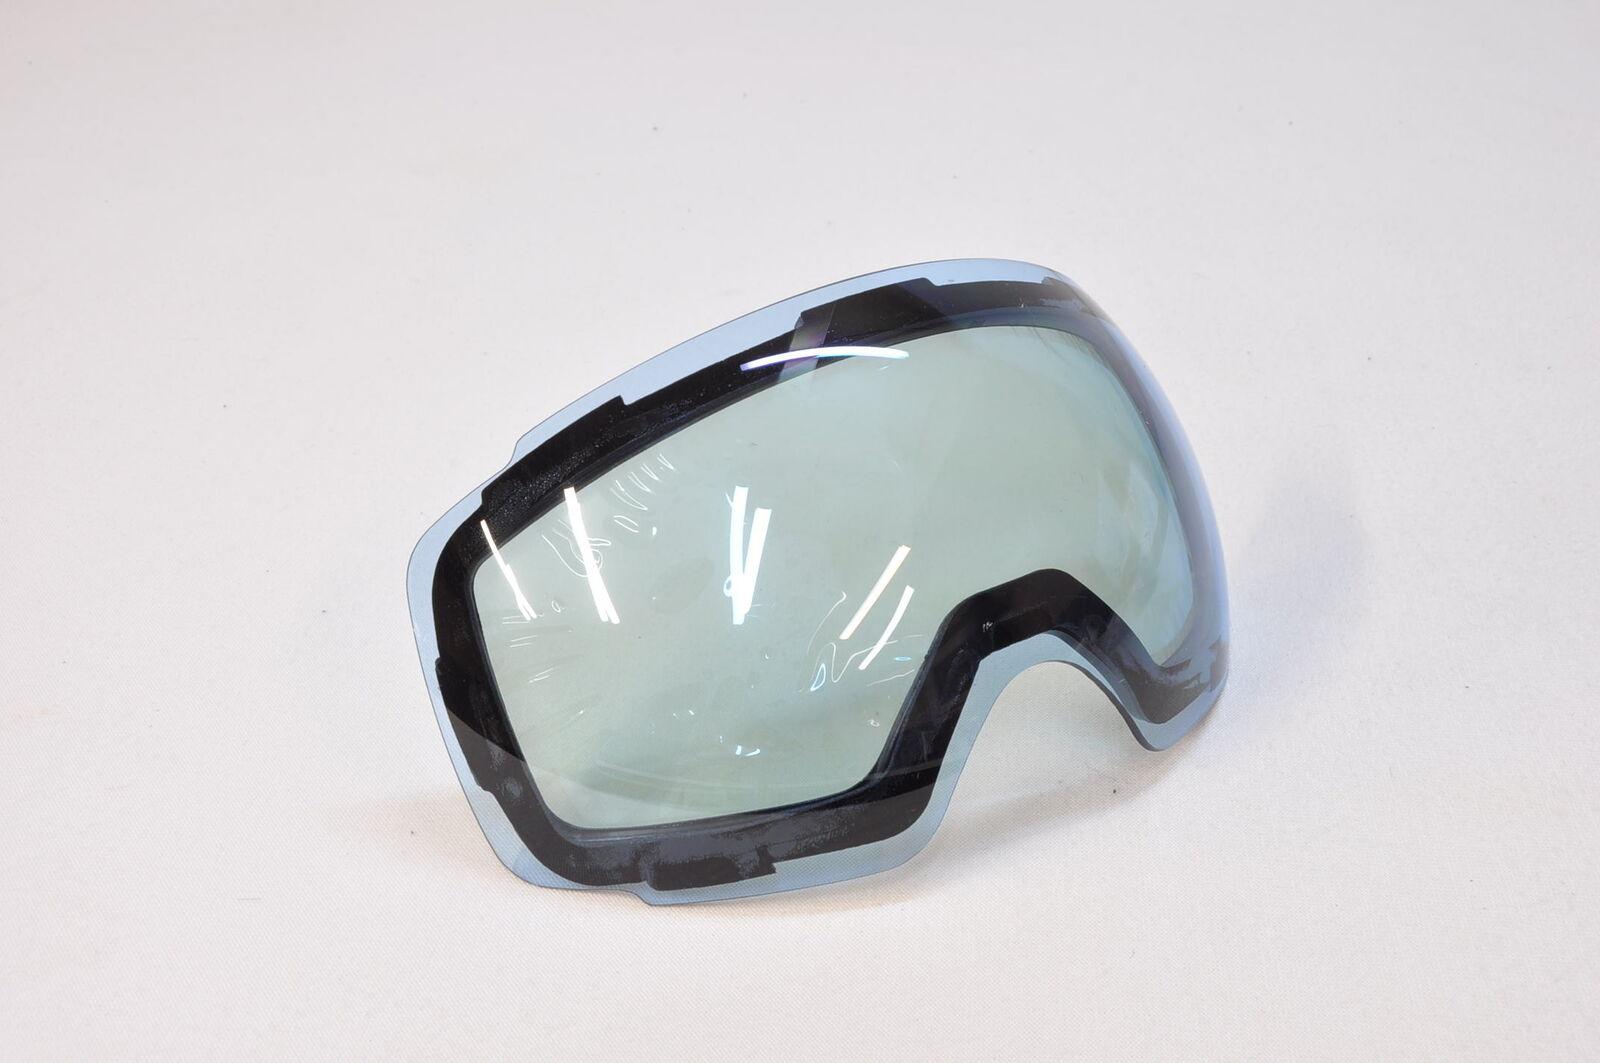 ZIONOR Lagopus X4 Snowmobile Snowboard Brillenglas Scheibe 18-KA9267 014  | Kostengünstiger